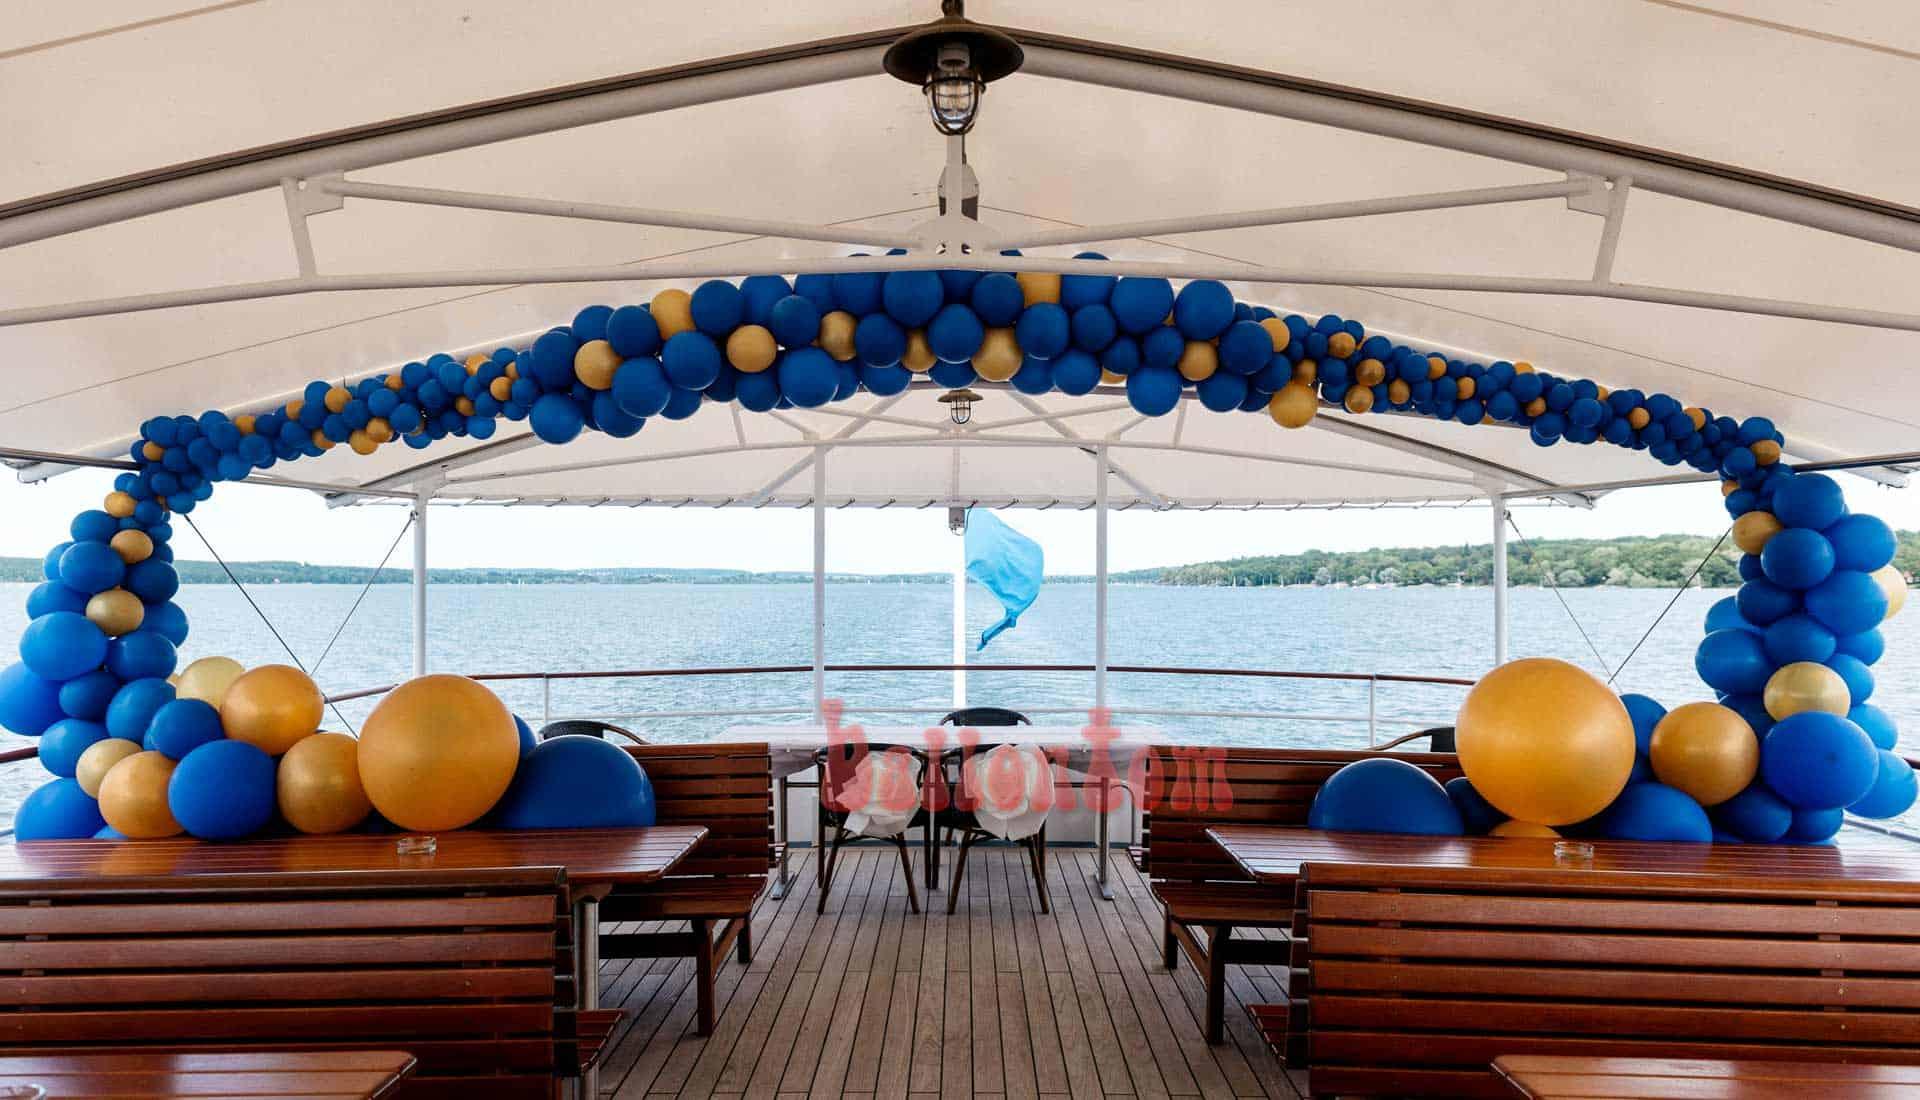 Hochzeitsdekoration mit Ballons auf dem Ammersee